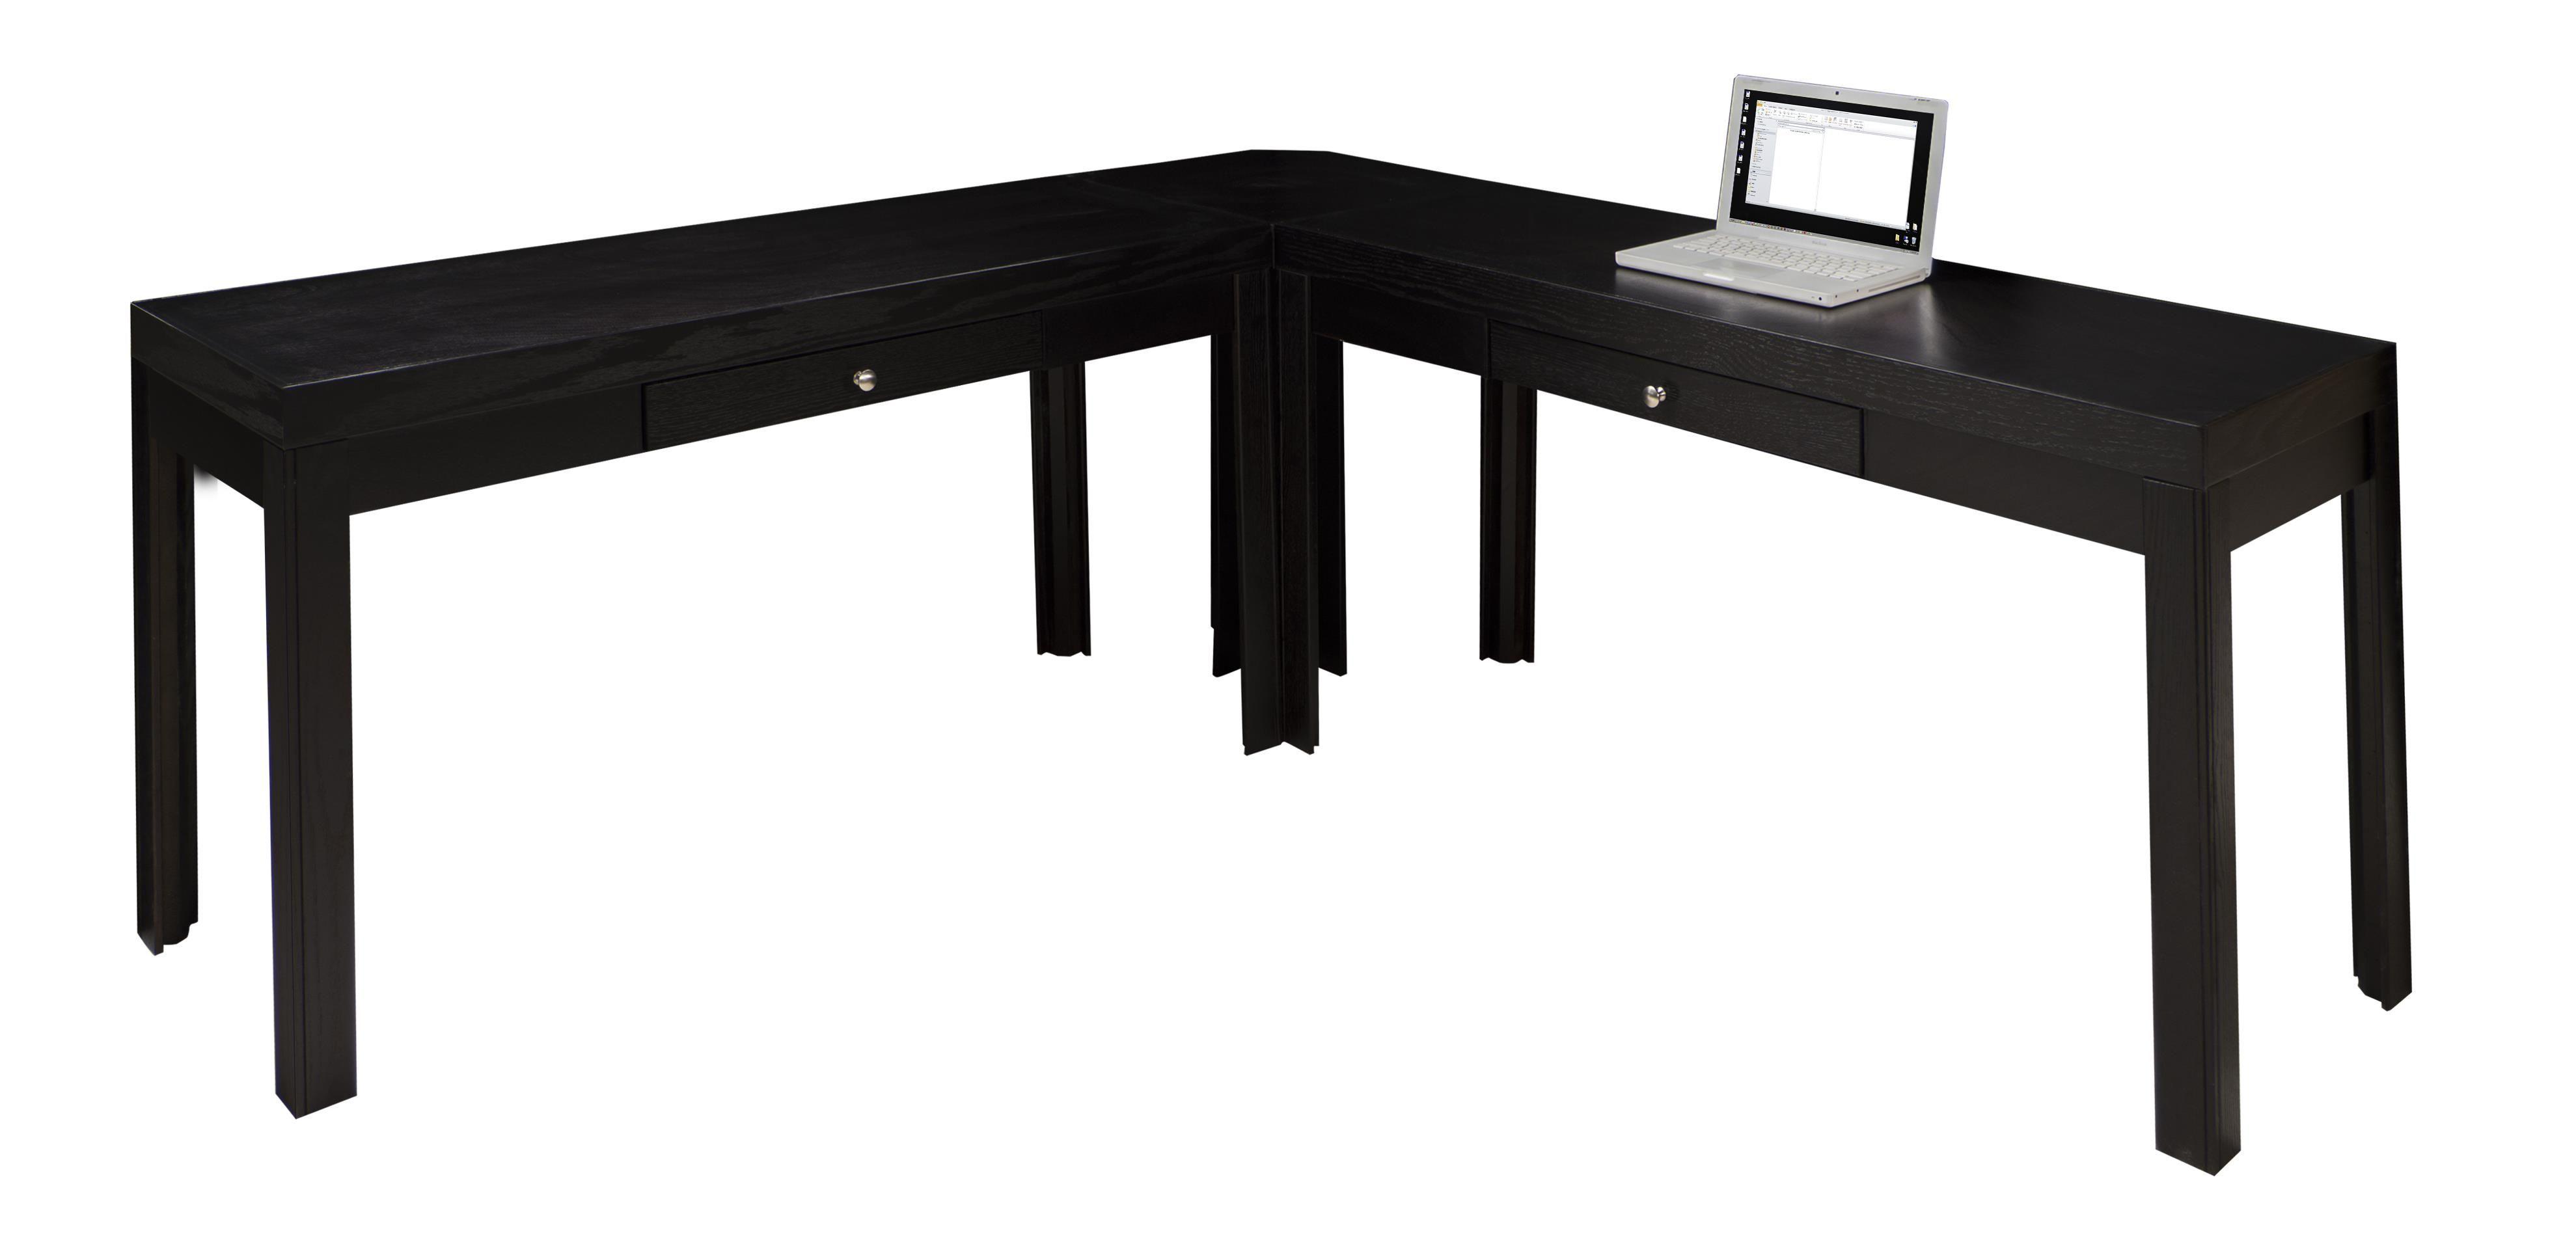 Skyline lshaped desk by legends furniture desks pinterest